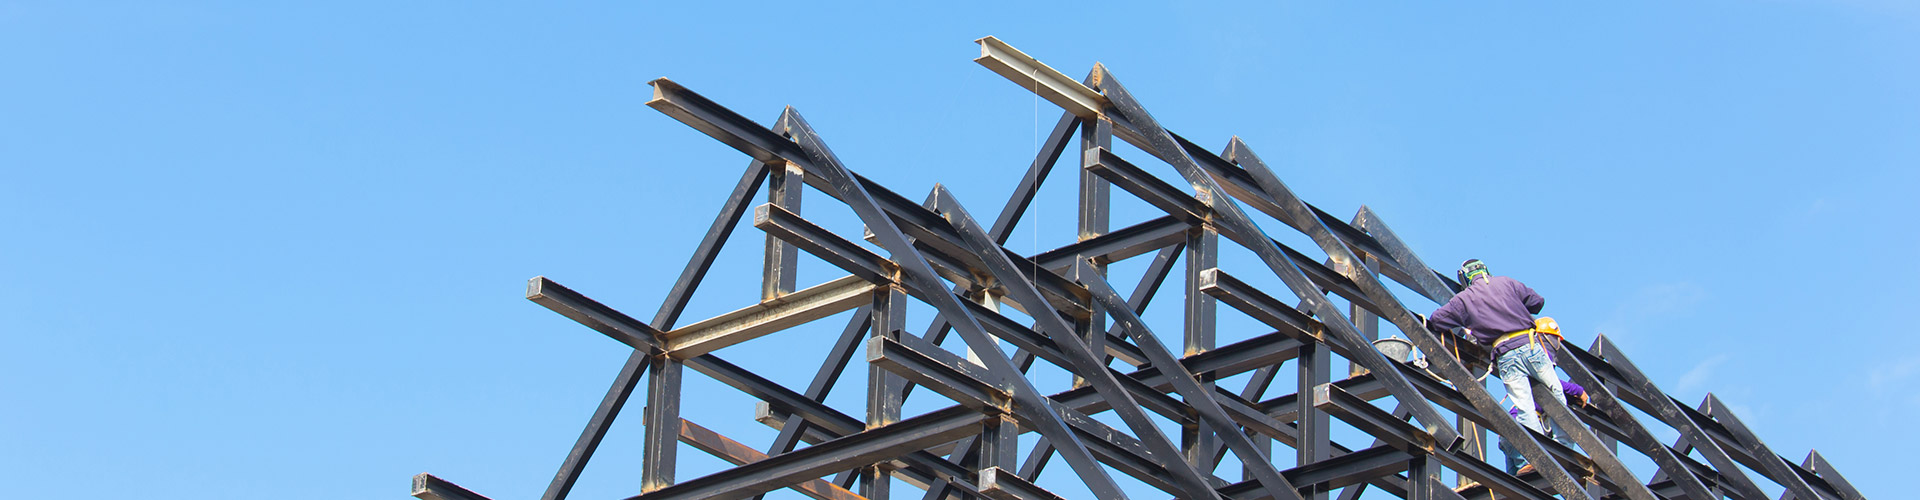 FF Metallbau Metallkonstruktionen und Stahlkonstruktionen Montage